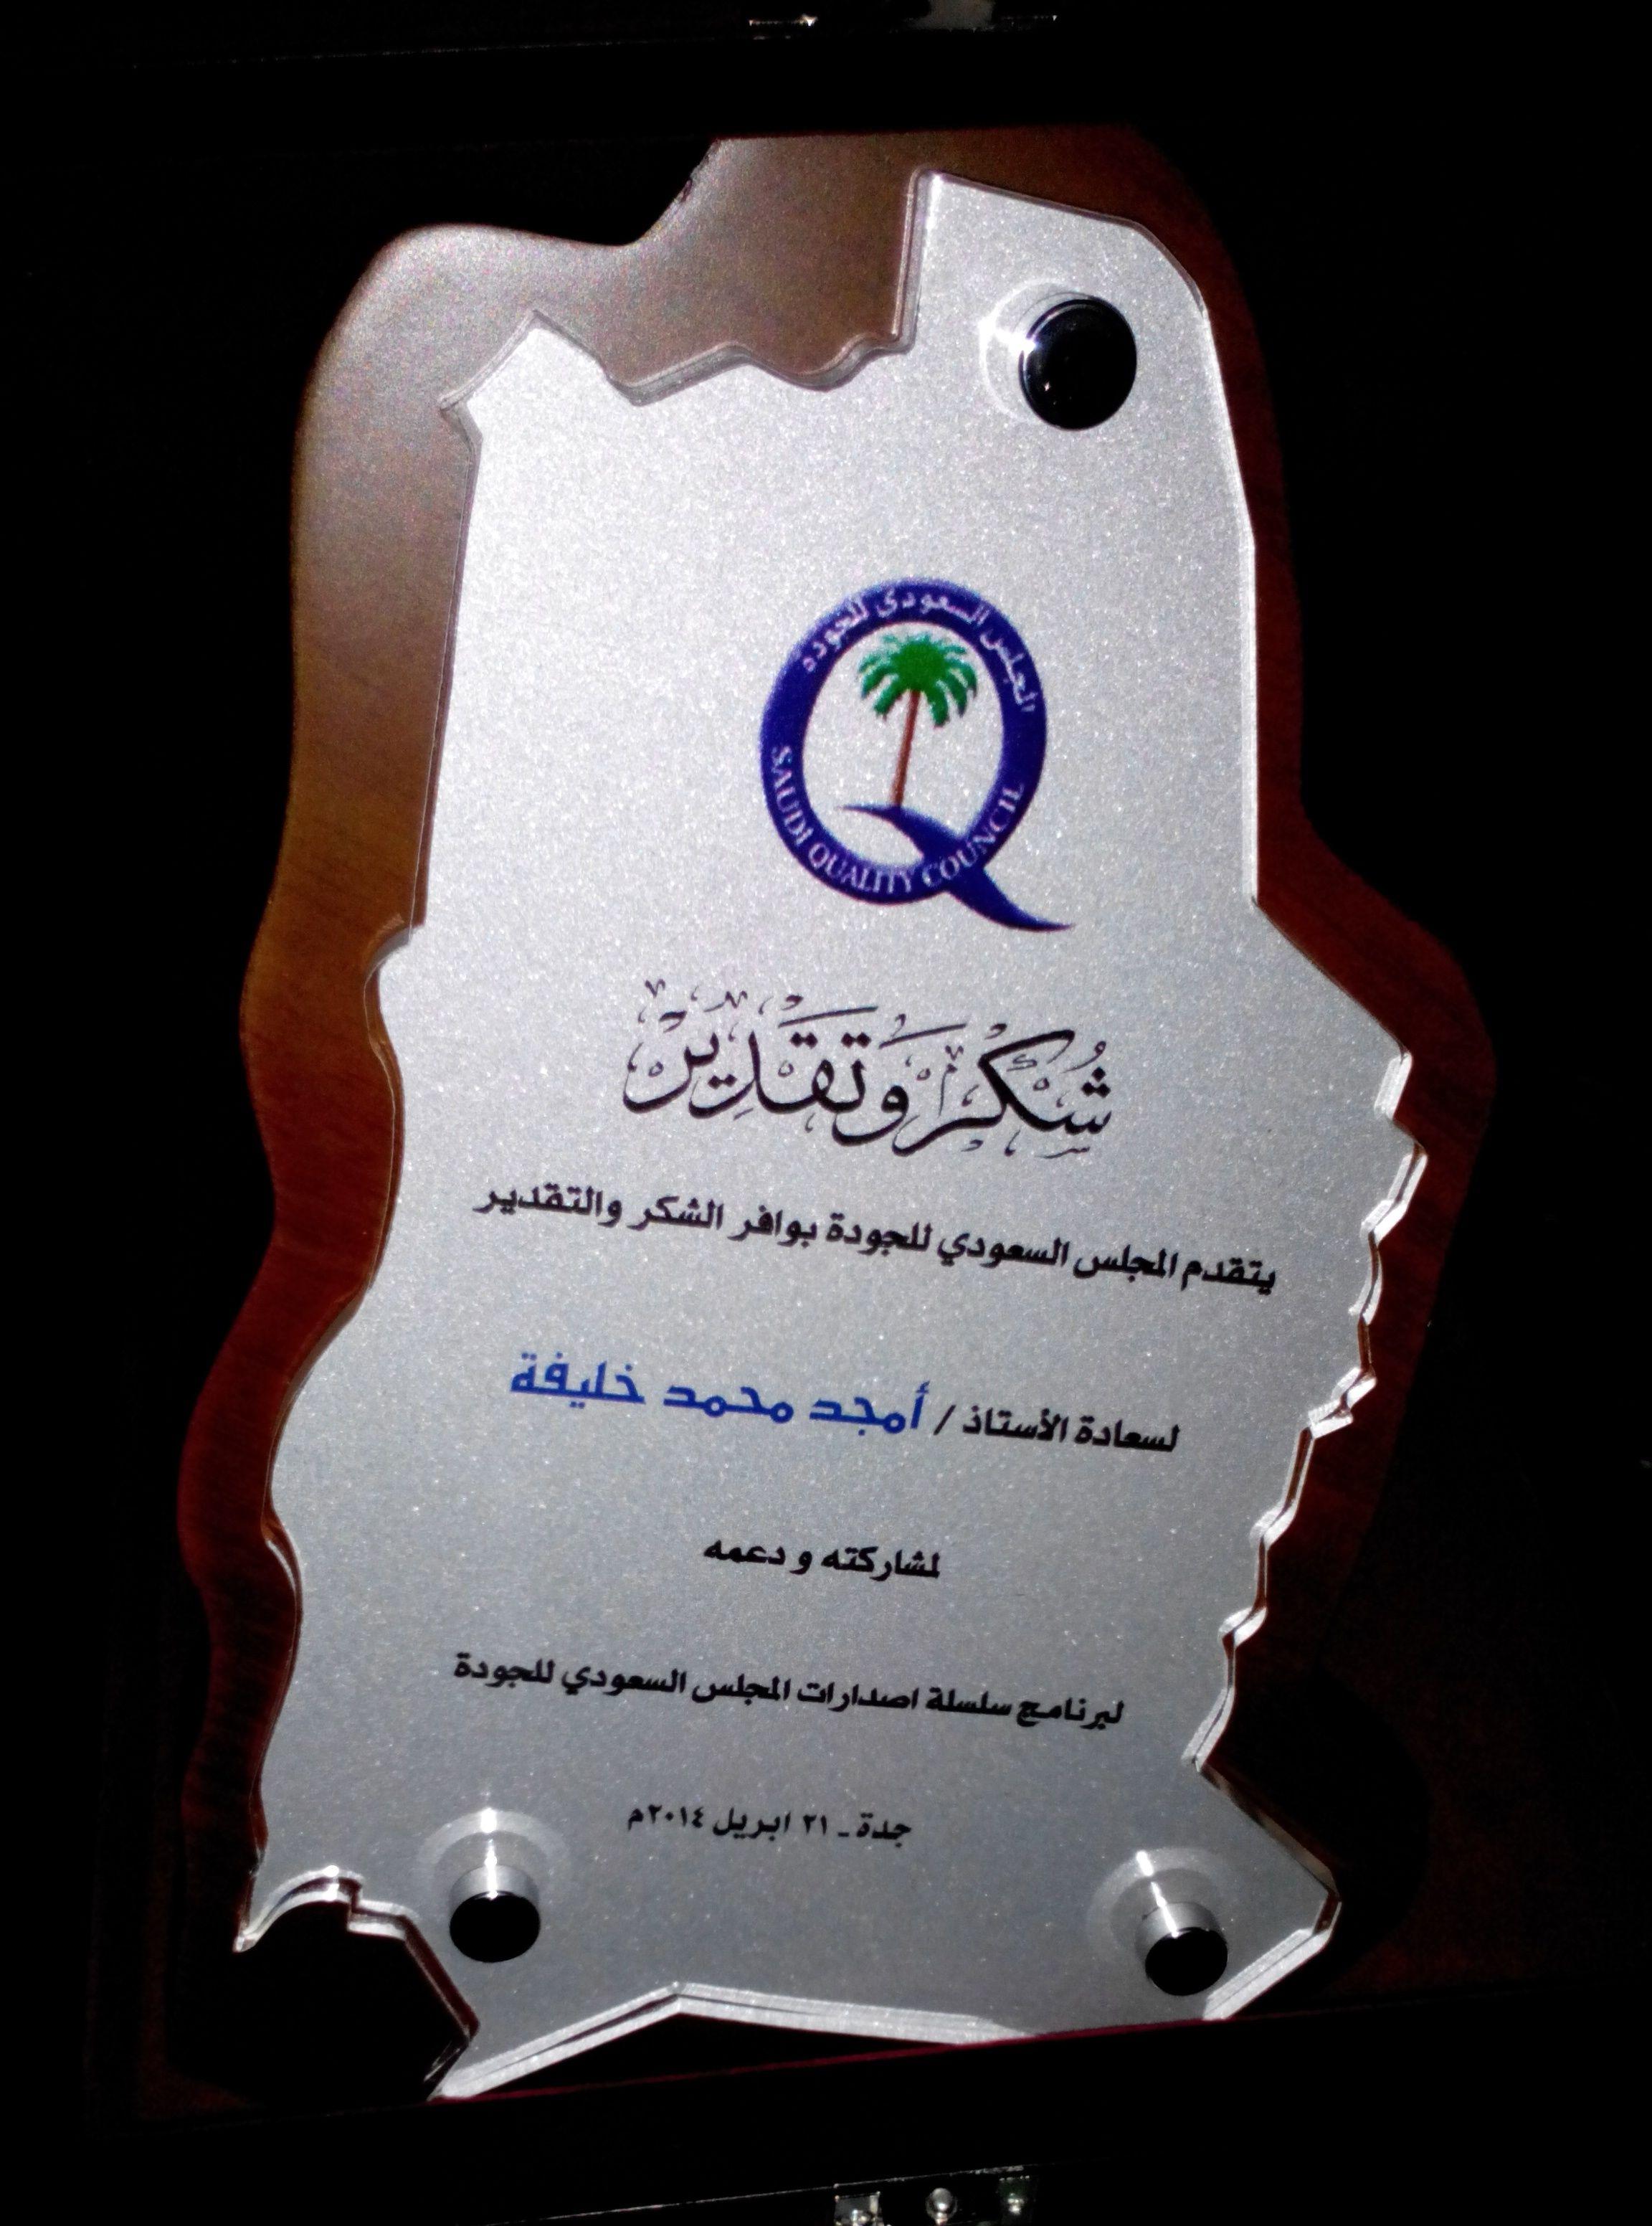 تكريم المجلس السعودي للجودة للإستشاري المصري أمجد خليفة Bottle Bottle Opener Barware